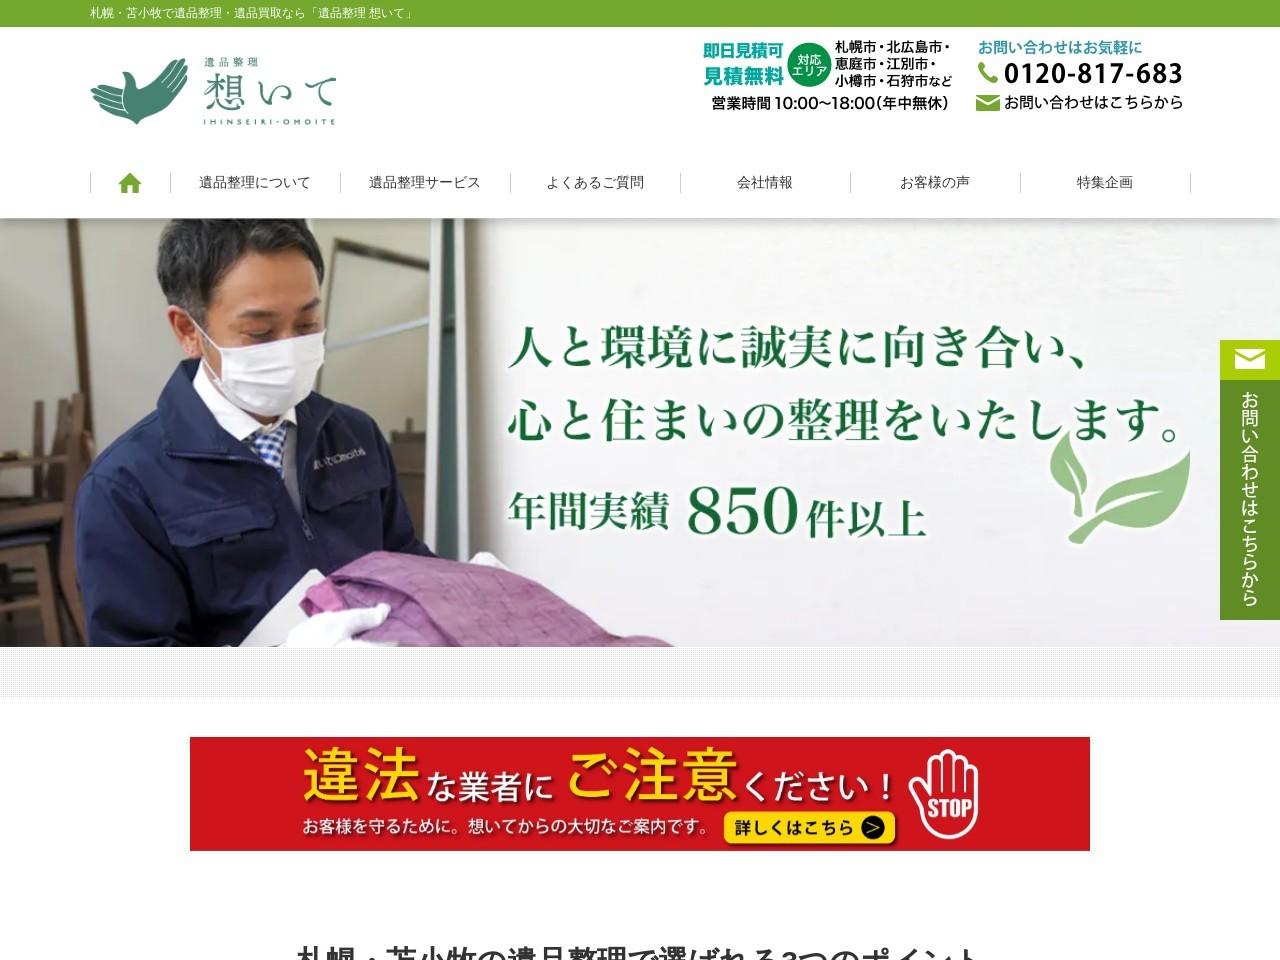 遺品整理なら札幌の「遺品整理 想いて」 | 札幌遺品整理でお客様満足度1位